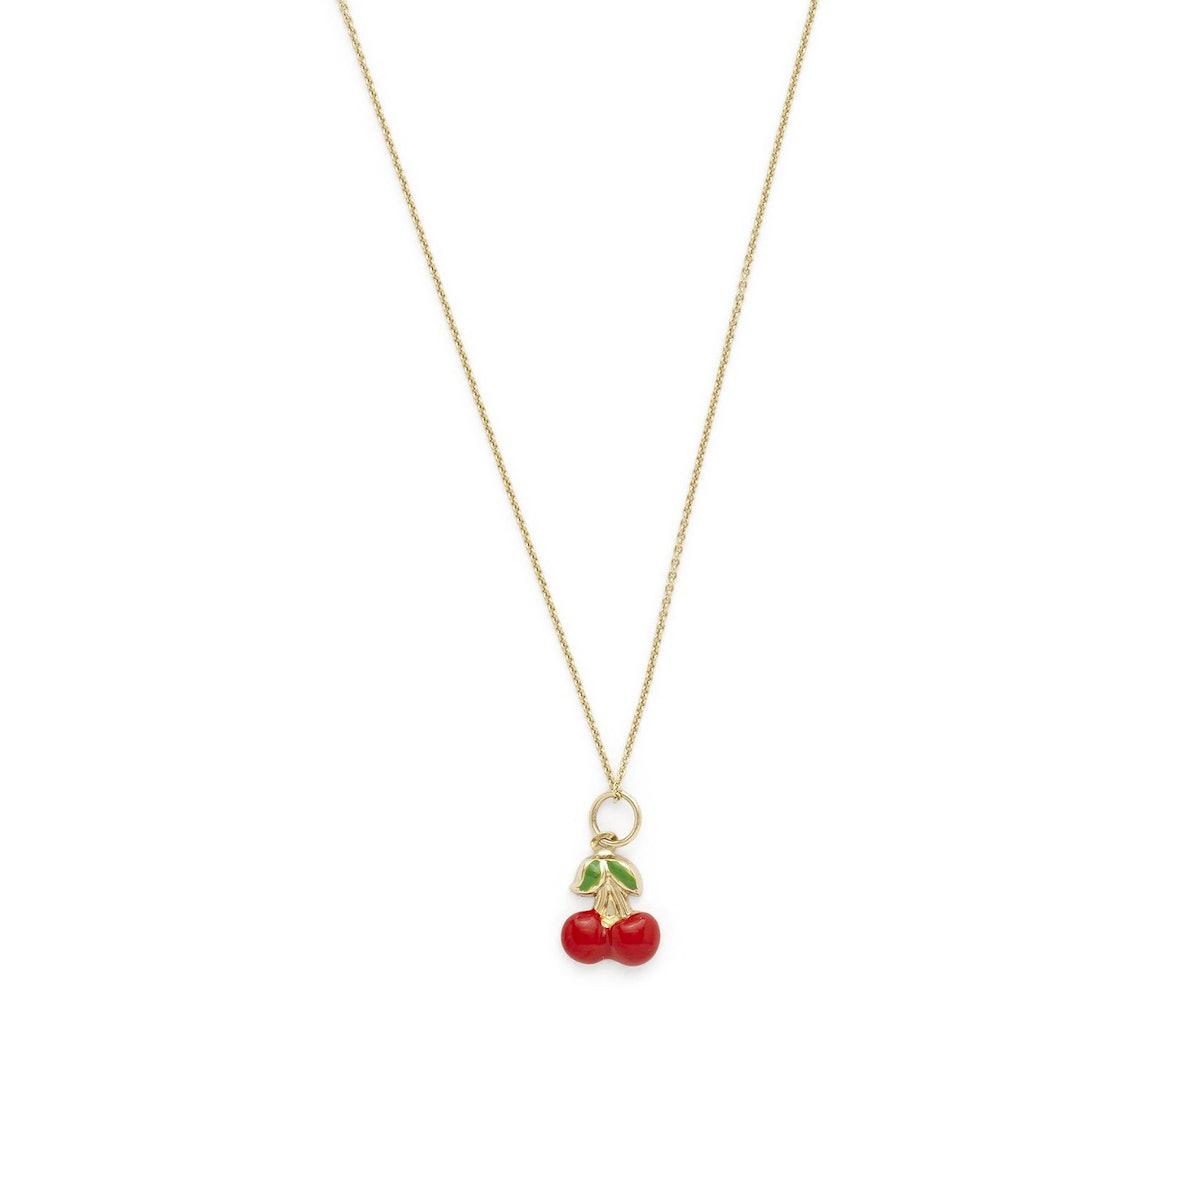 Heidi Cherry Necklace